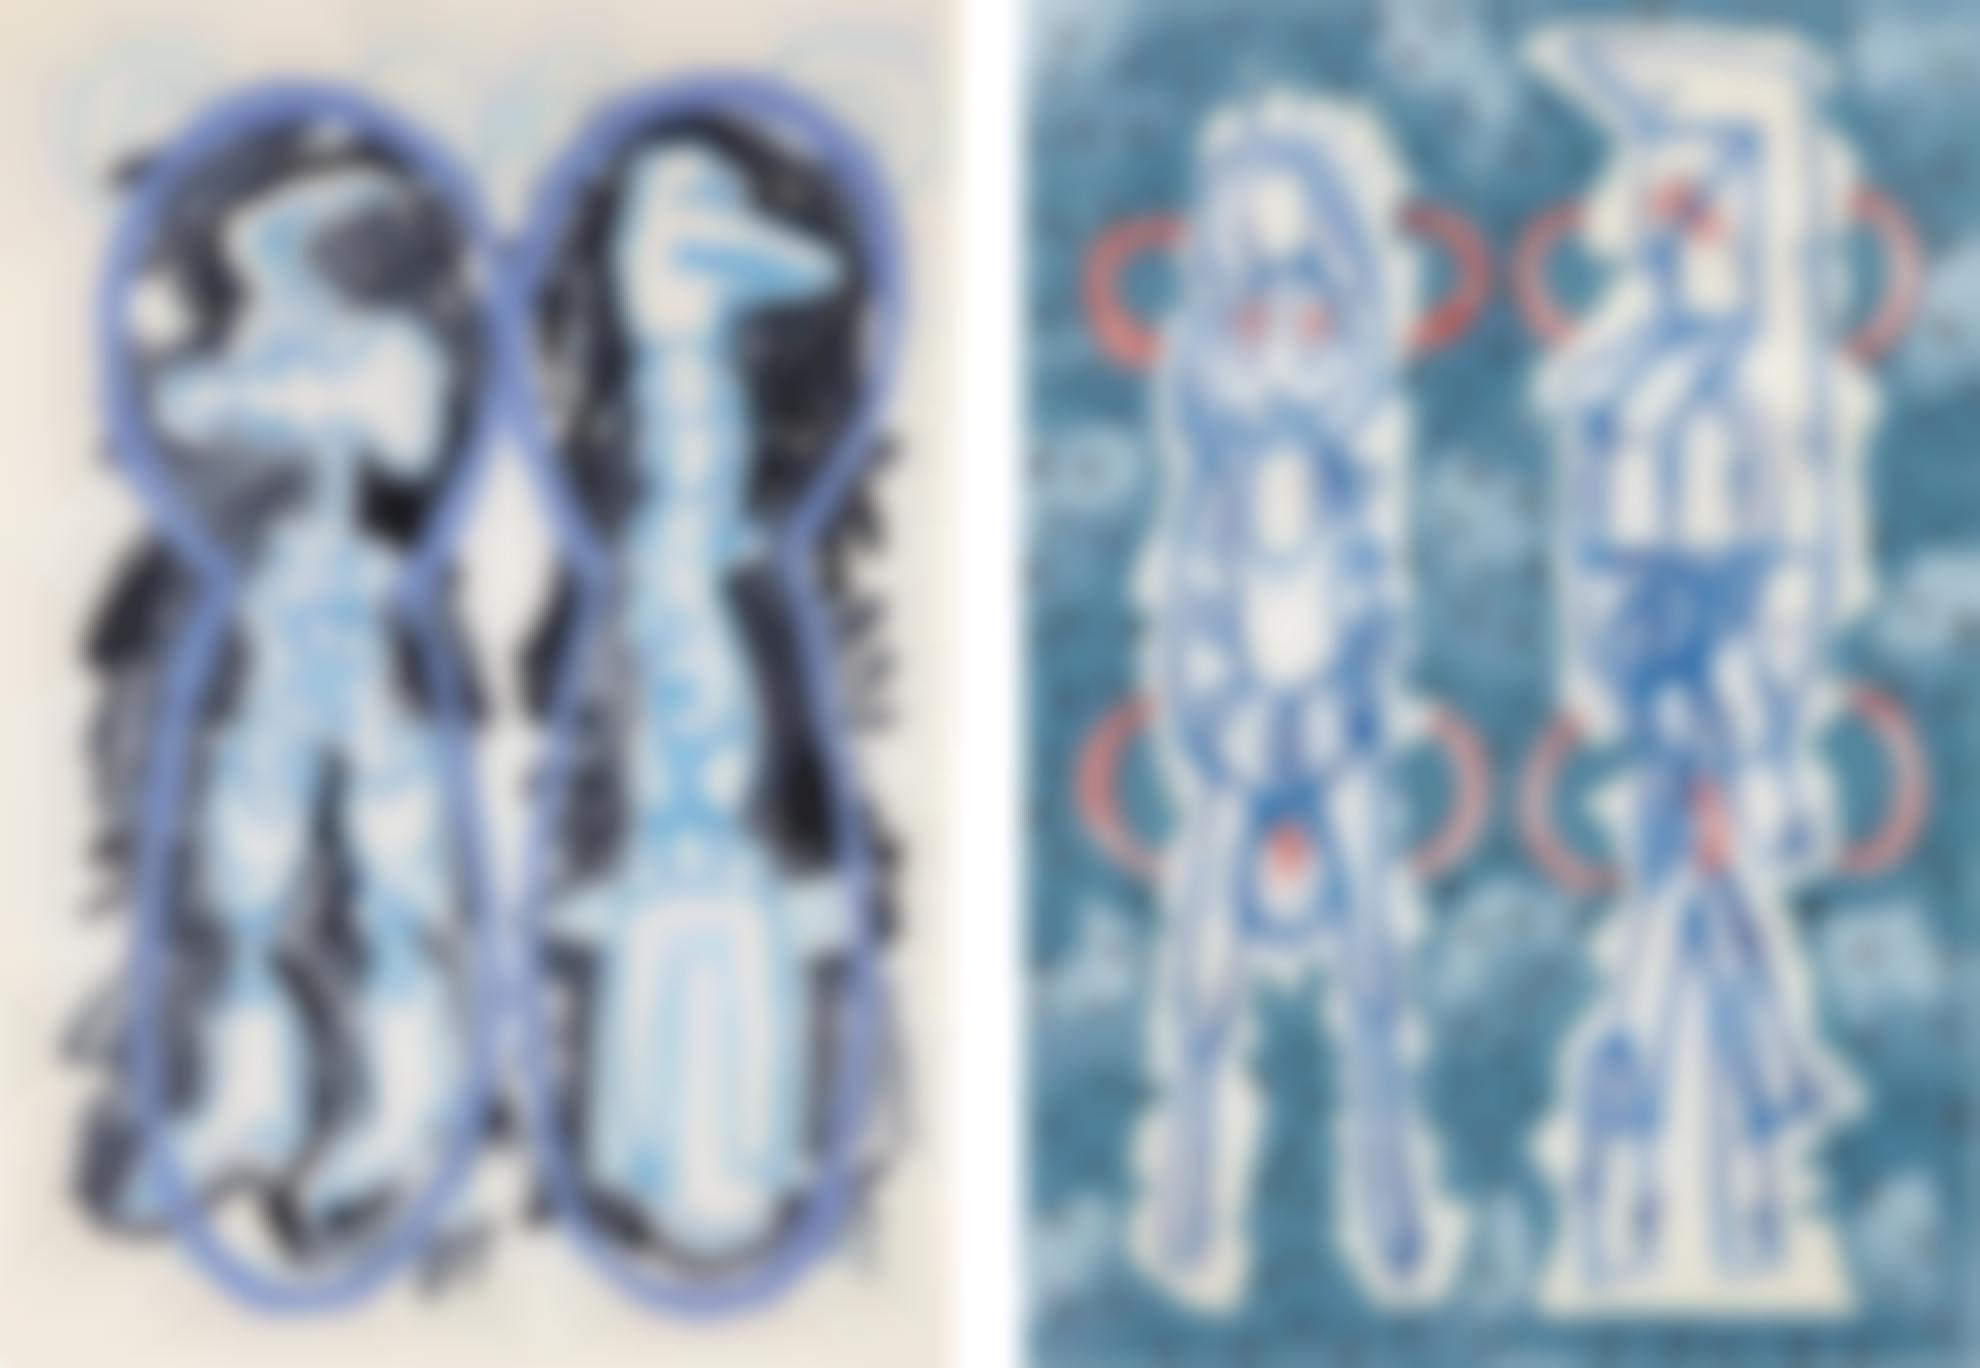 Luis Gordillo-Two Works: (I) Adam Y Eva Con Fundo Negro (II) Adam Y Eva Con Parentesis Rojos-1983